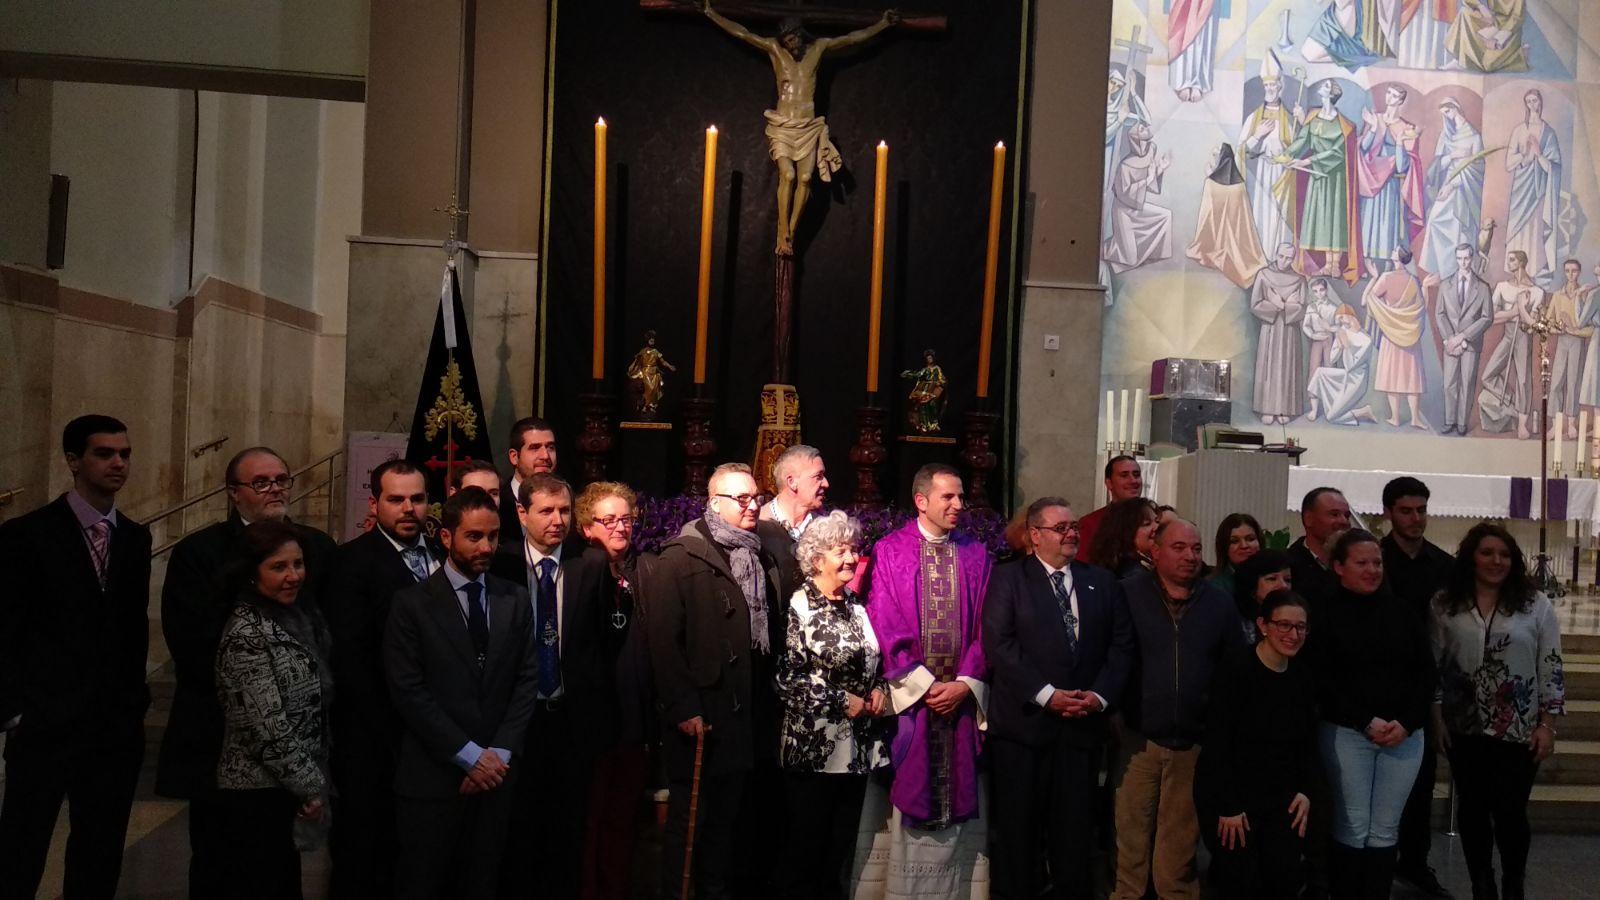 Celebración de Eucaristía y Clausura del curso parroquial @ Parroquia de Cristo Rey | Jaén | Andalucía | España